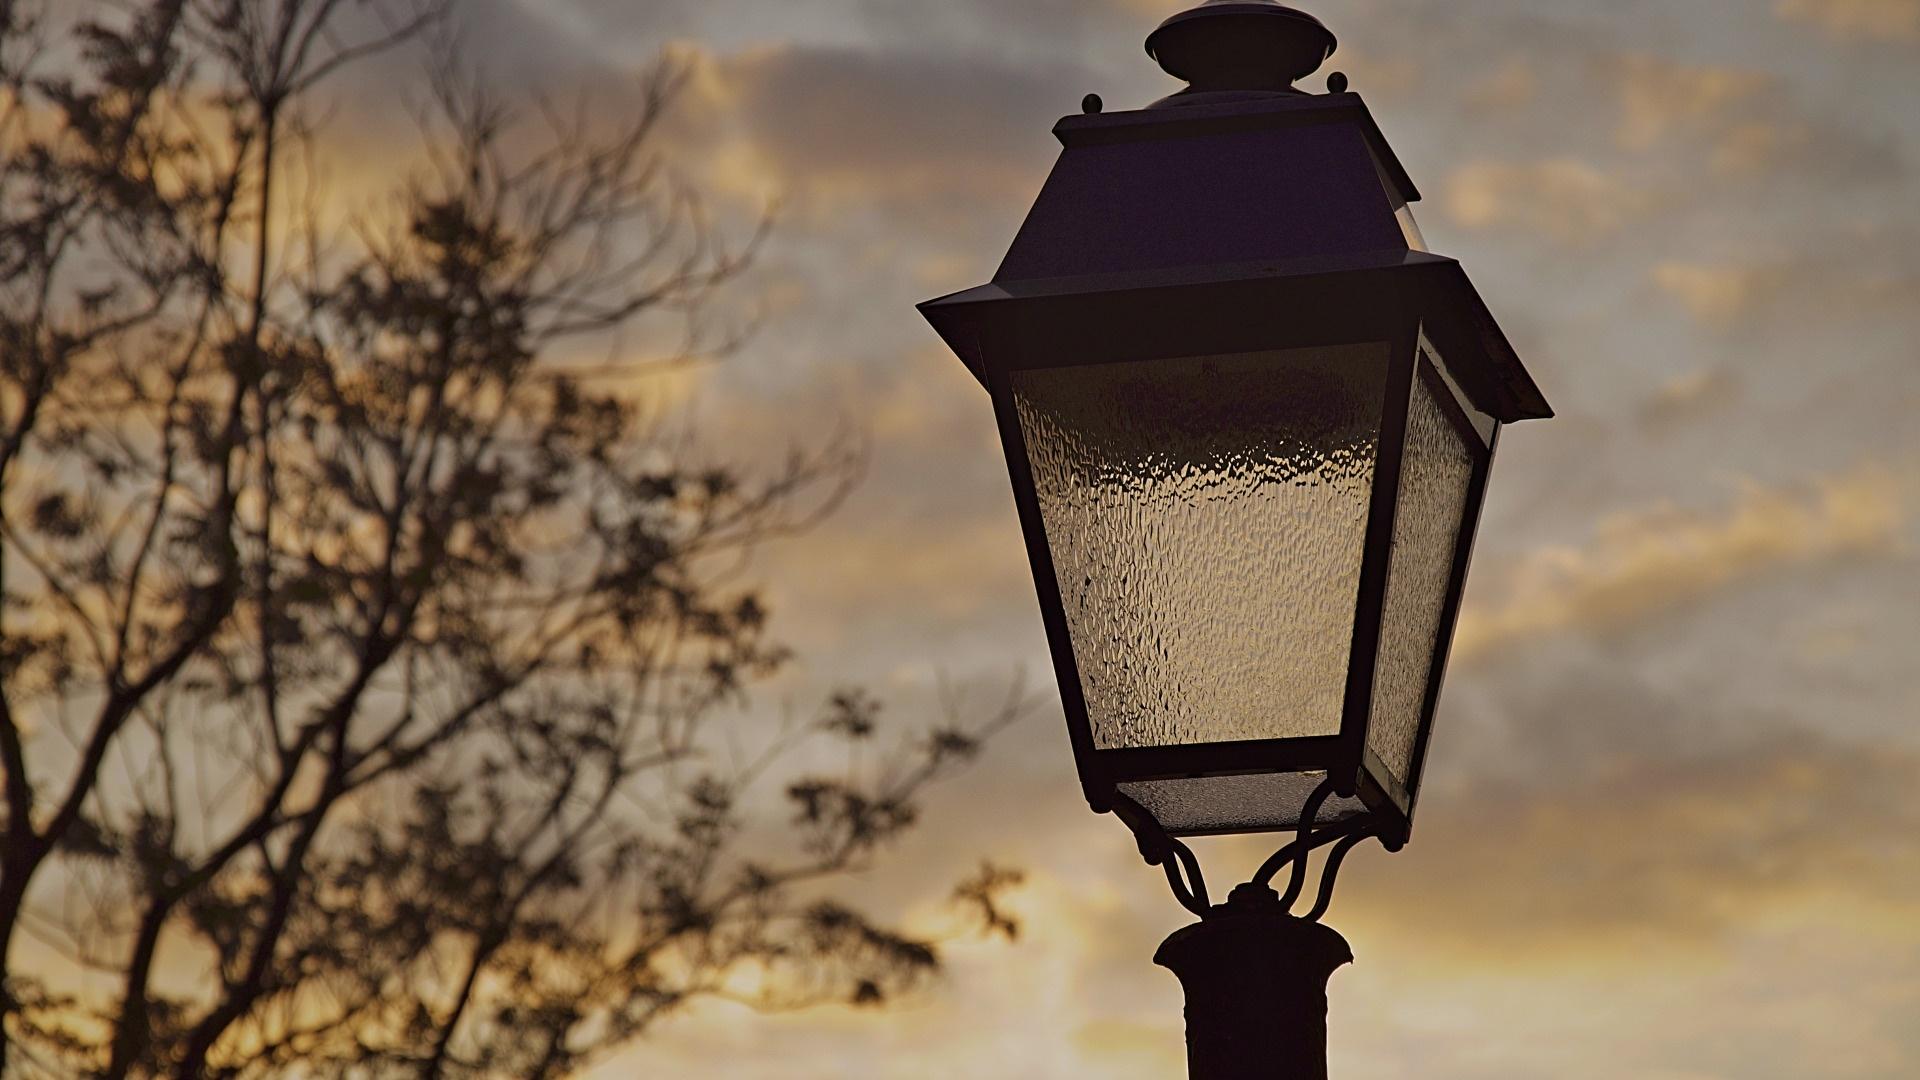 Lantern Wallpaper theme